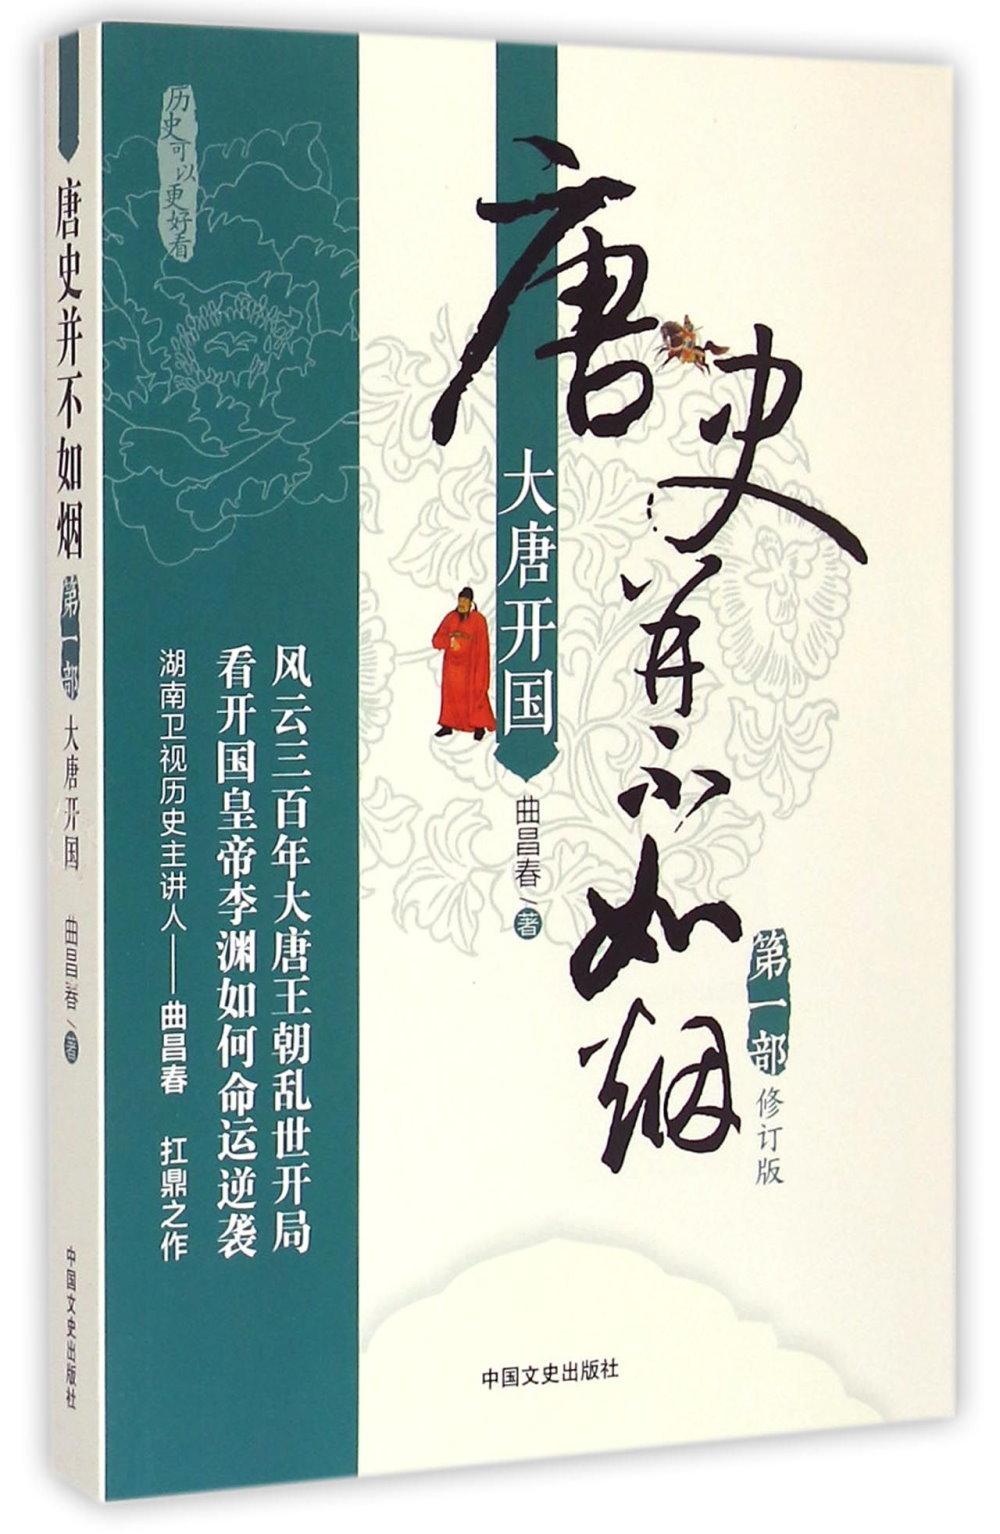 唐史並不如煙.第一部:大唐開國^(修訂版^)